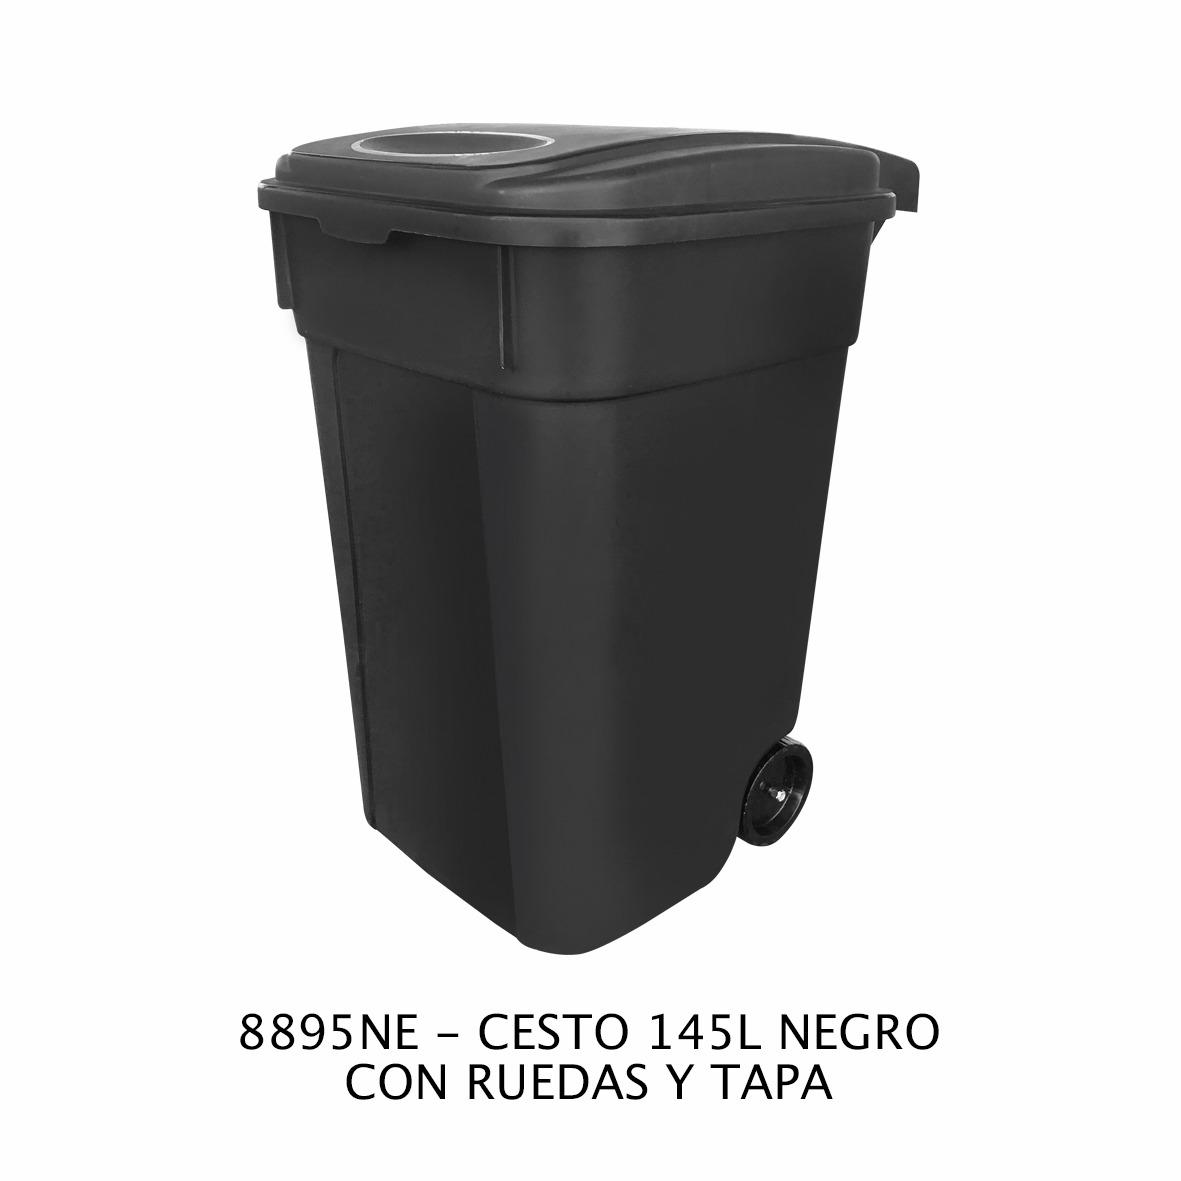 Contenedor de basura de 145 litros Modelo 8895NE Sablón